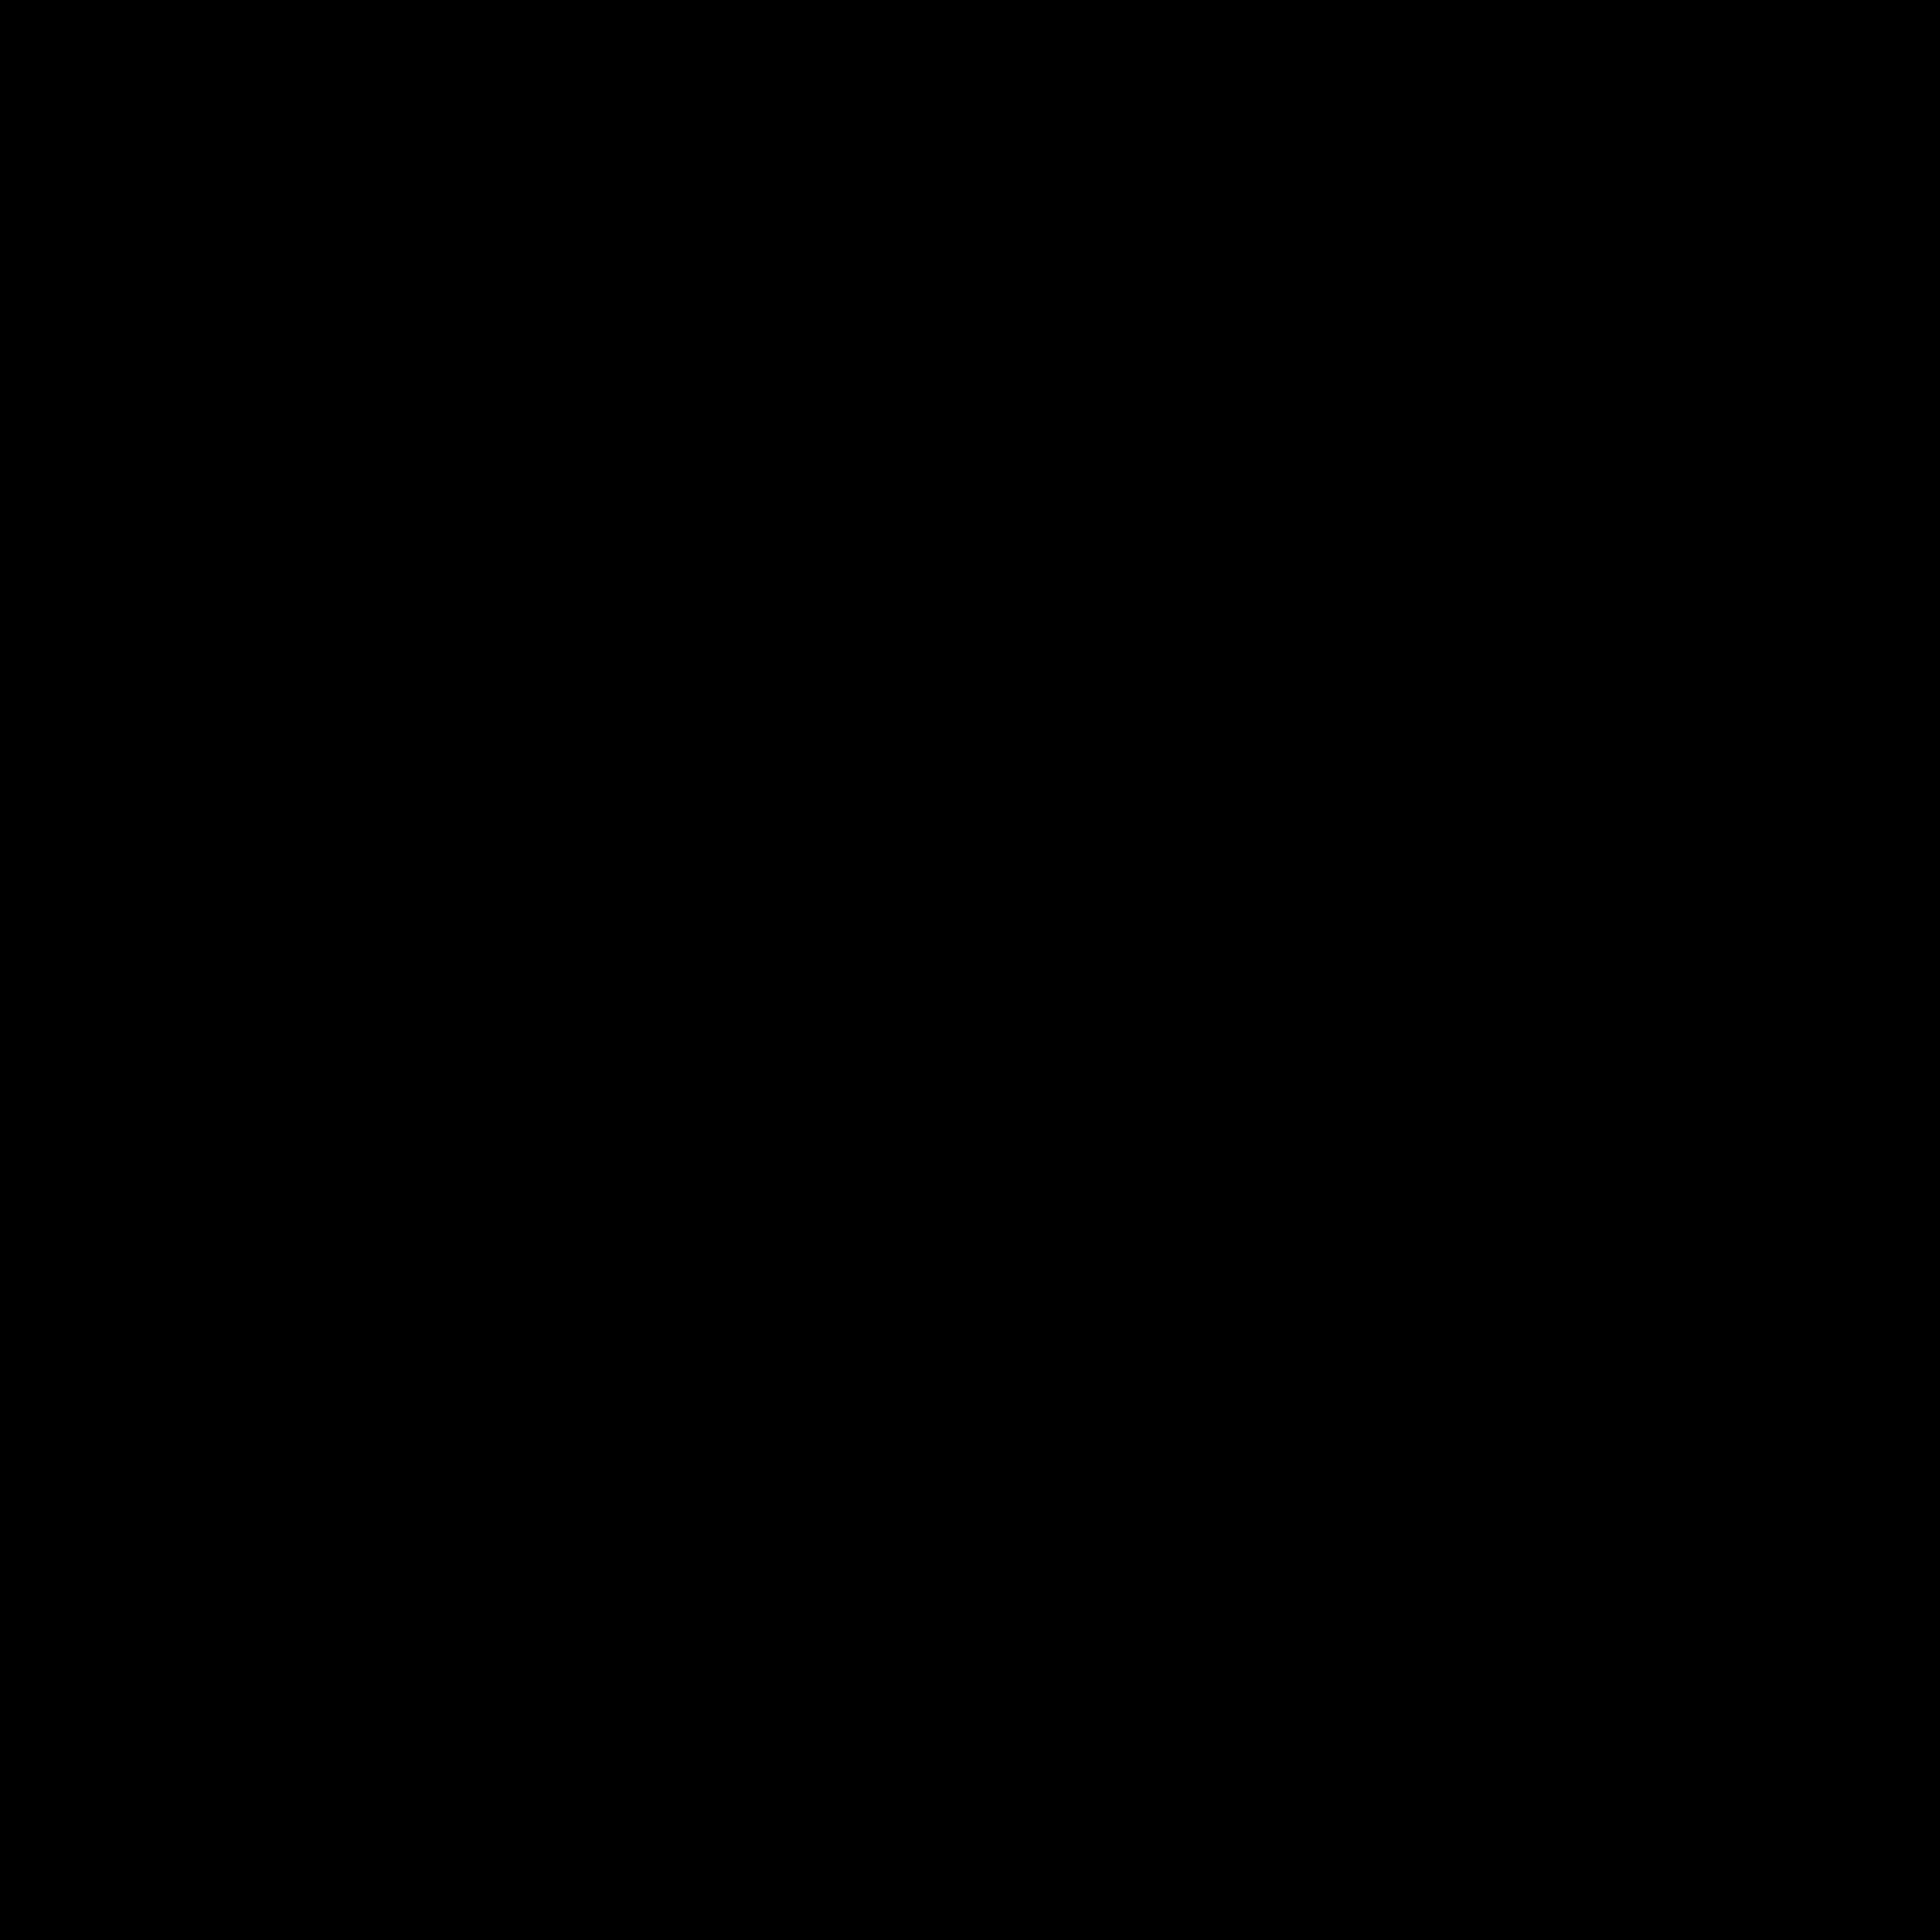 winsor-newton-1-logo-png-transparent.png